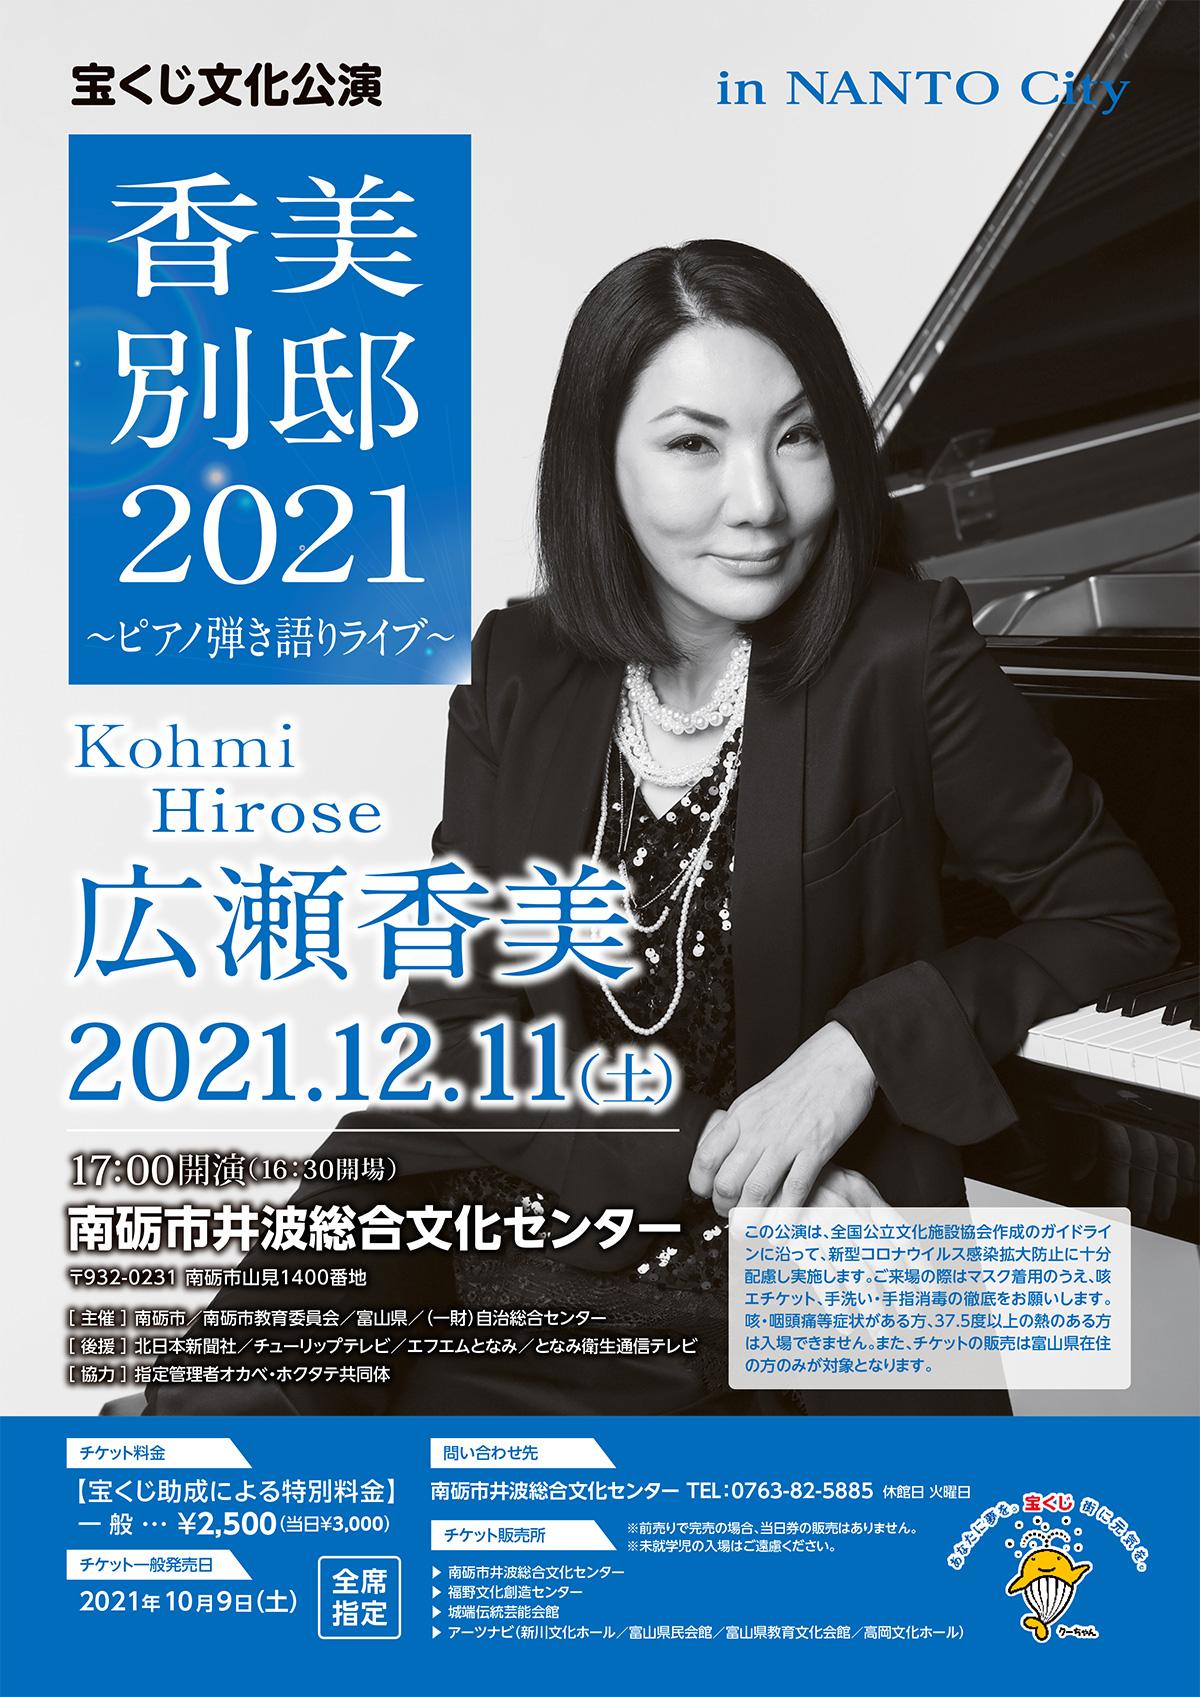 宝くじ文化公演「香美別邸2021 ~ピアノ弾き語りライブ~」 in NANTO Cityの画像